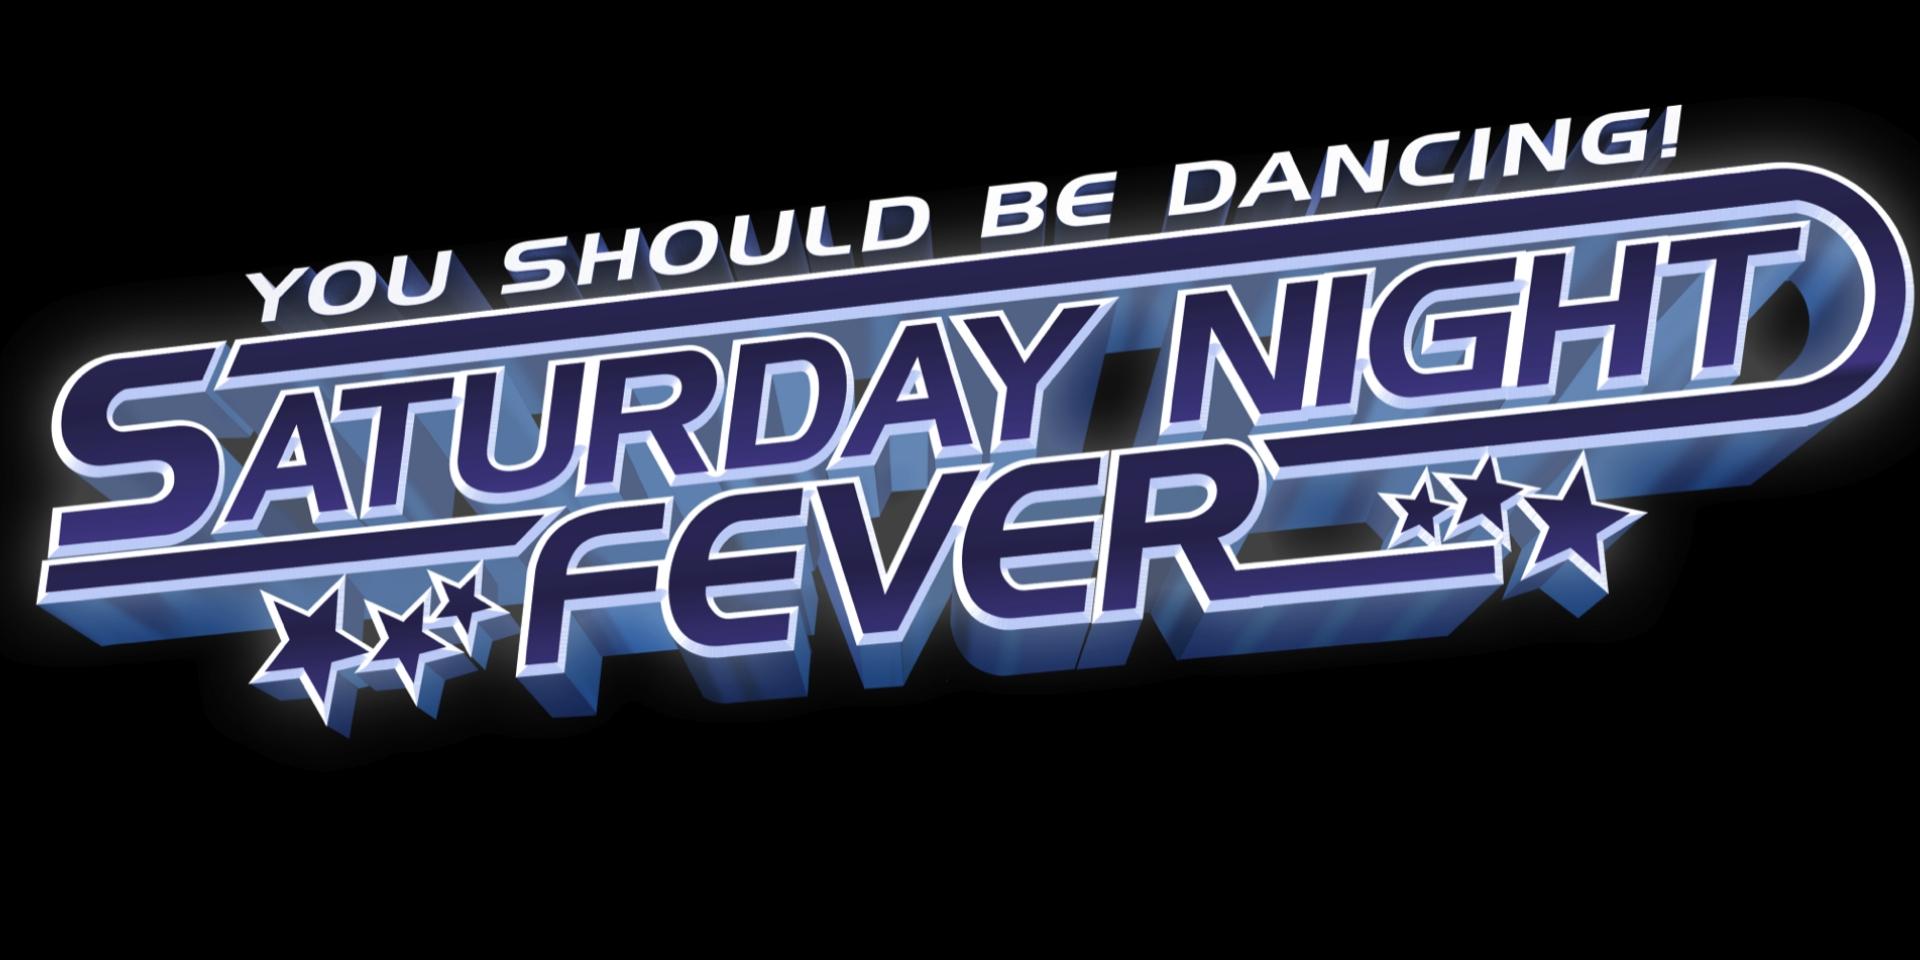 Saturday Night Logo Saturday Night ...